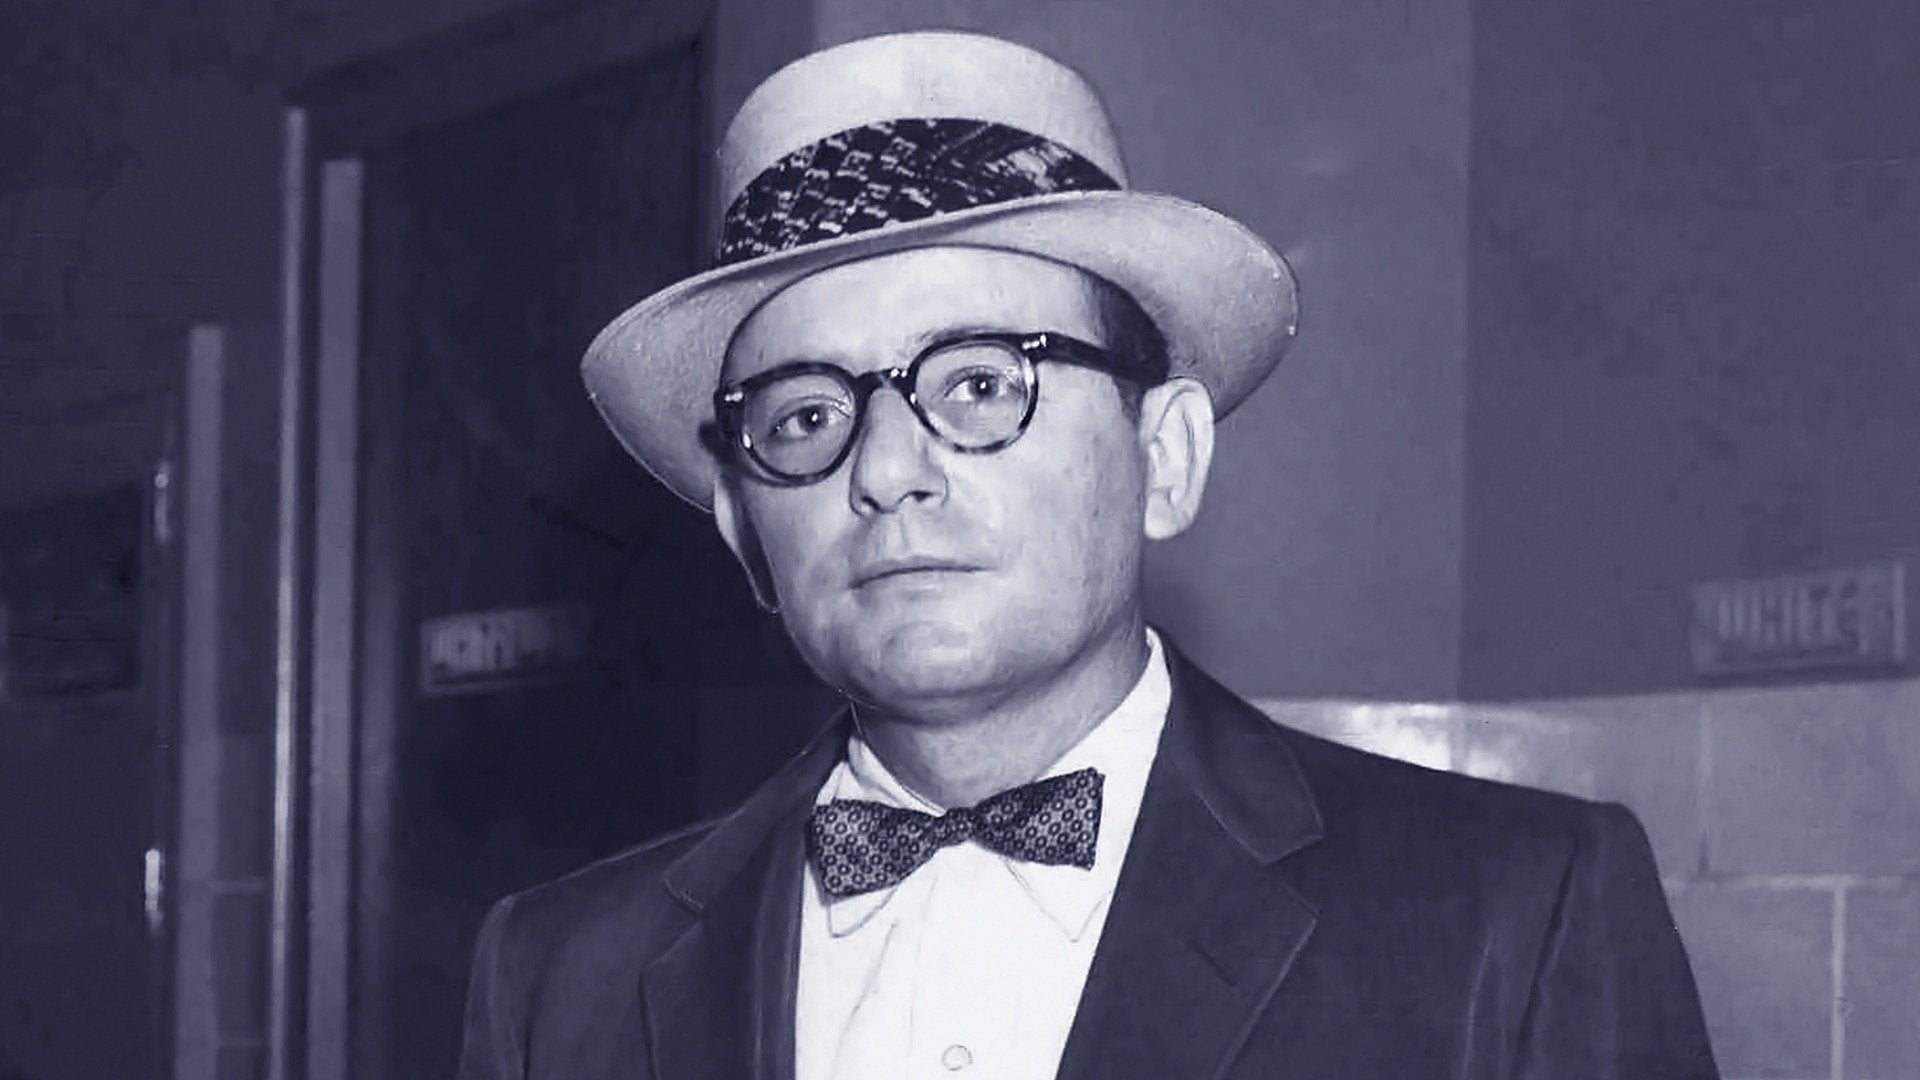 Mafia vs. JFK